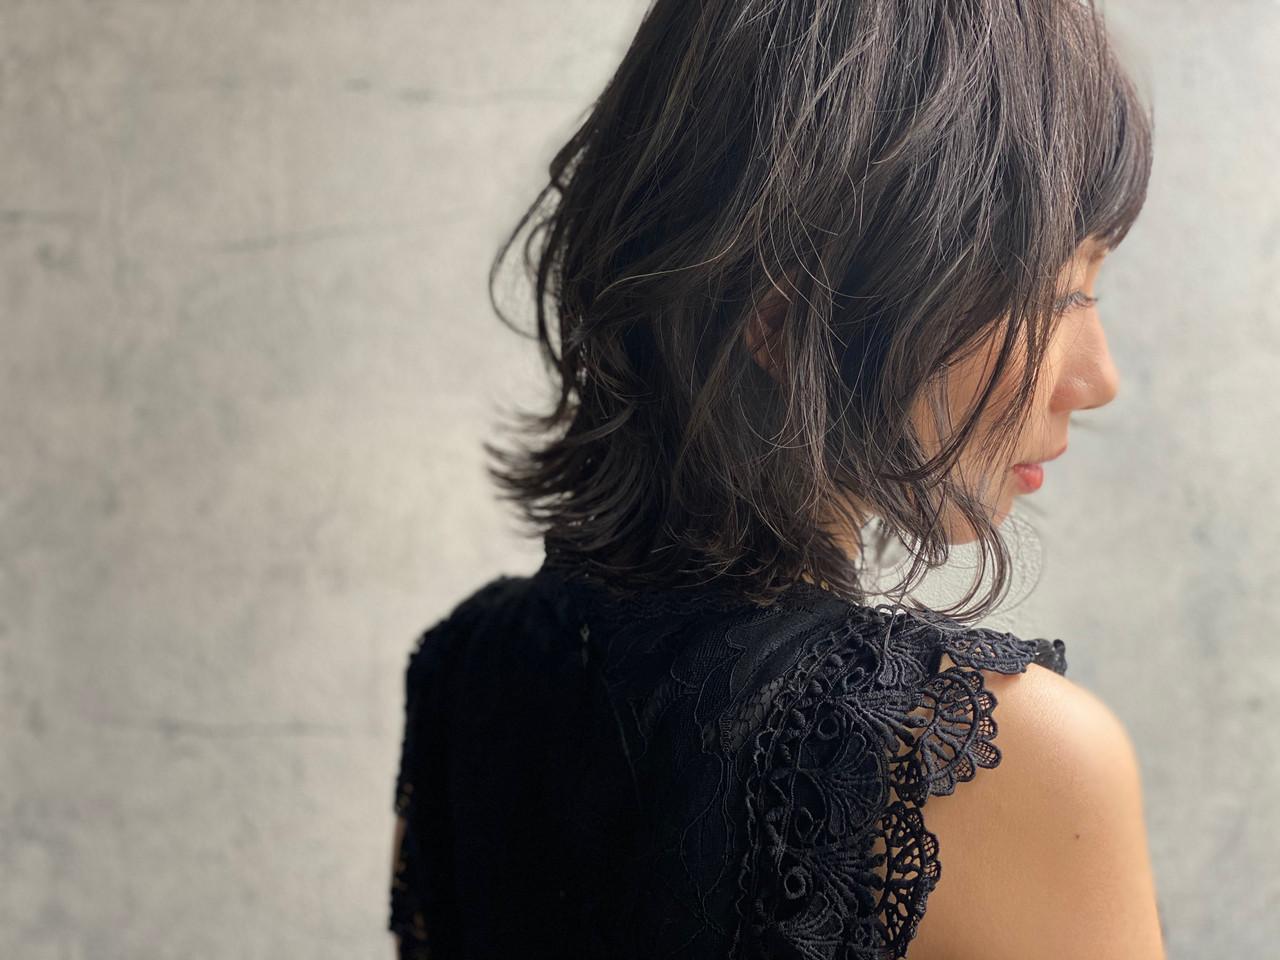 グレージュ アッシュグレージュ アンニュイほつれヘア ナチュラル ヘアスタイルや髪型の写真・画像